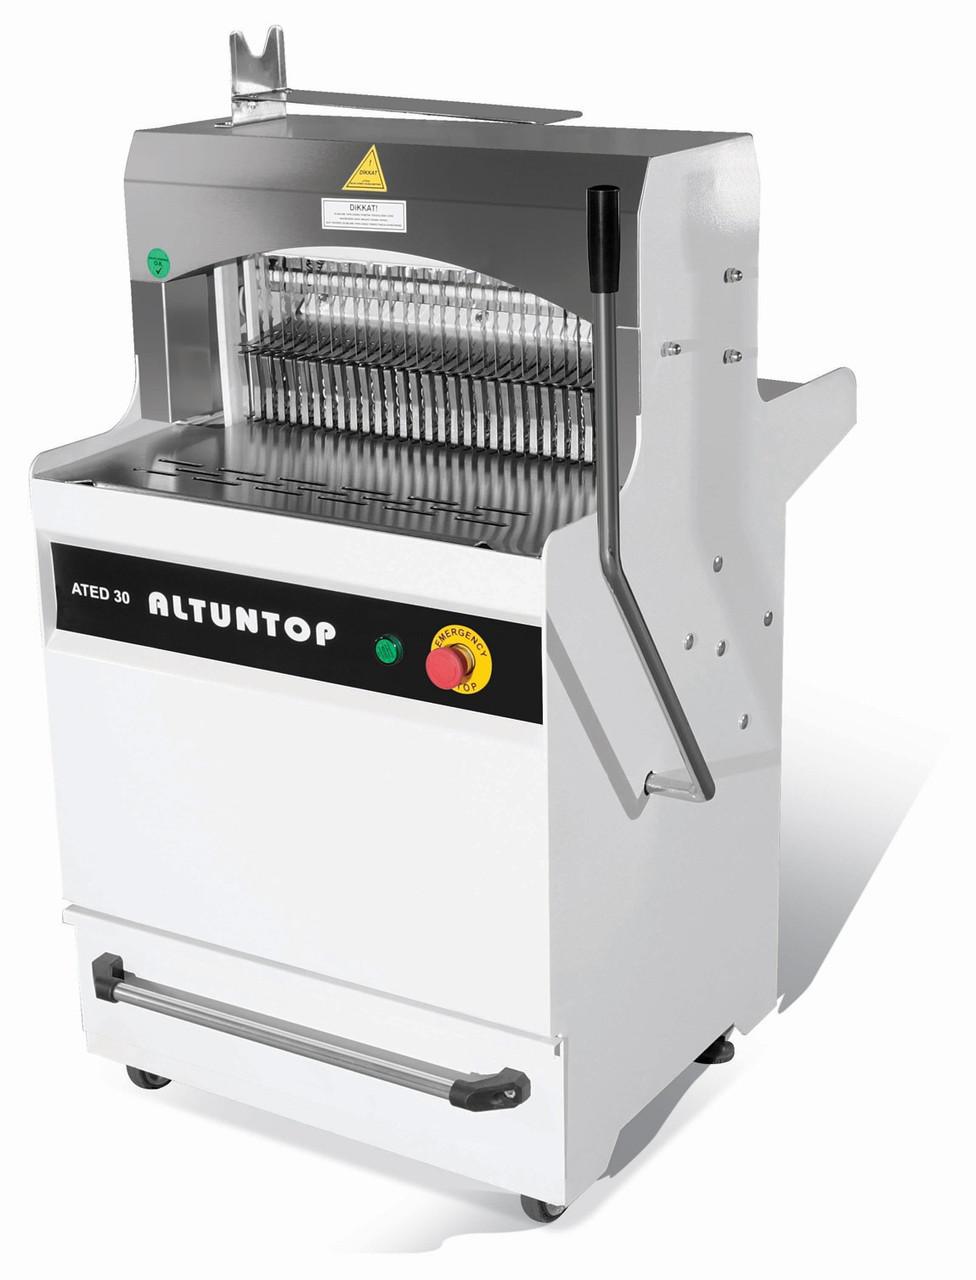 Полуавтоматическая хлеборезальная машина ATED